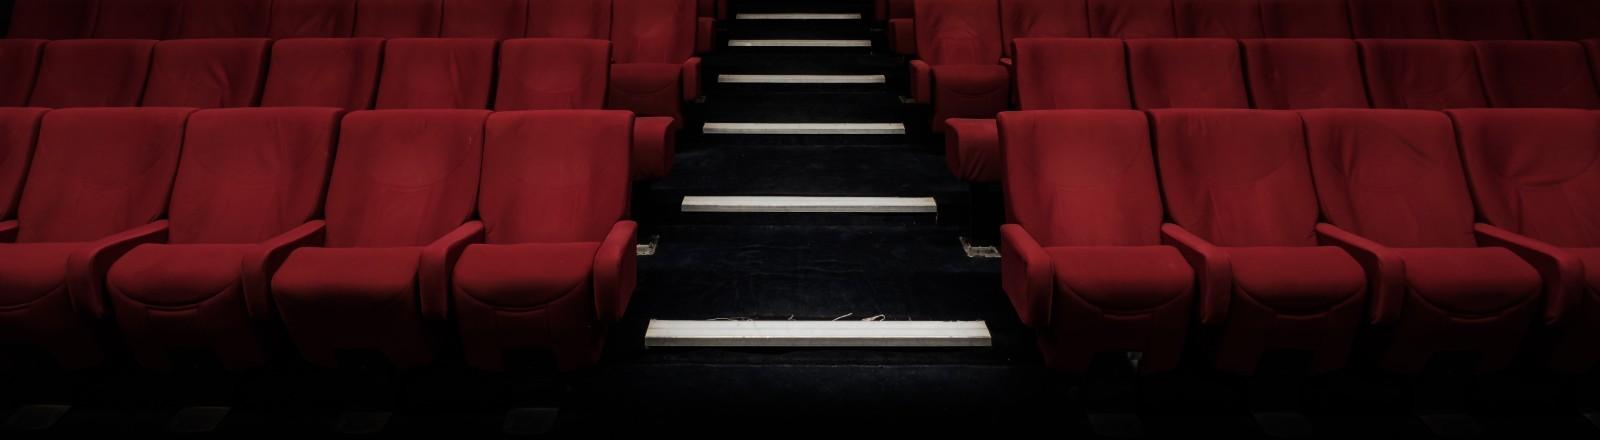 Ein leerer Kinosaal mit roten Sesseln